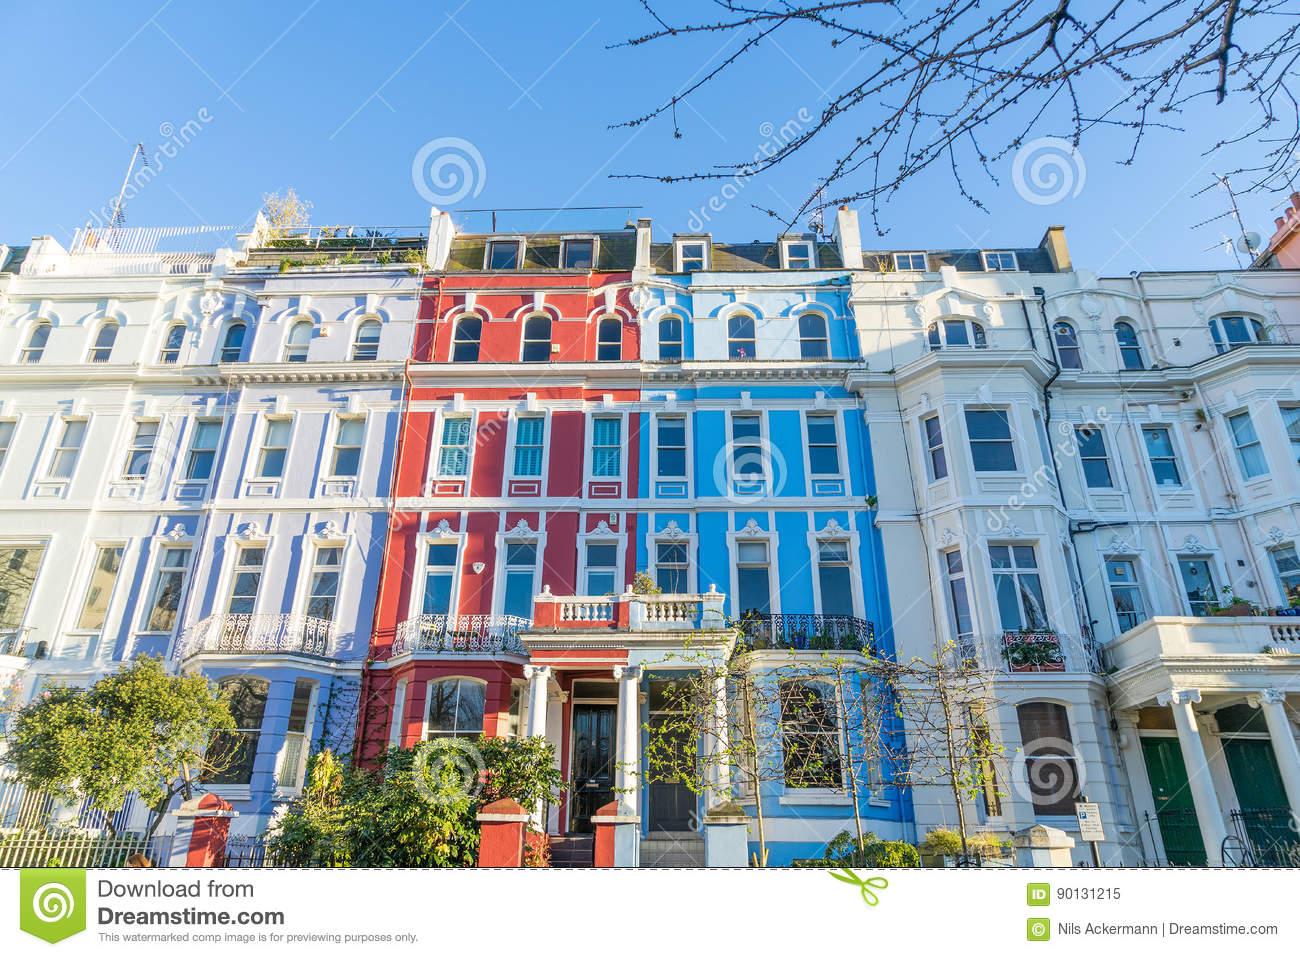 Notting Hill high street